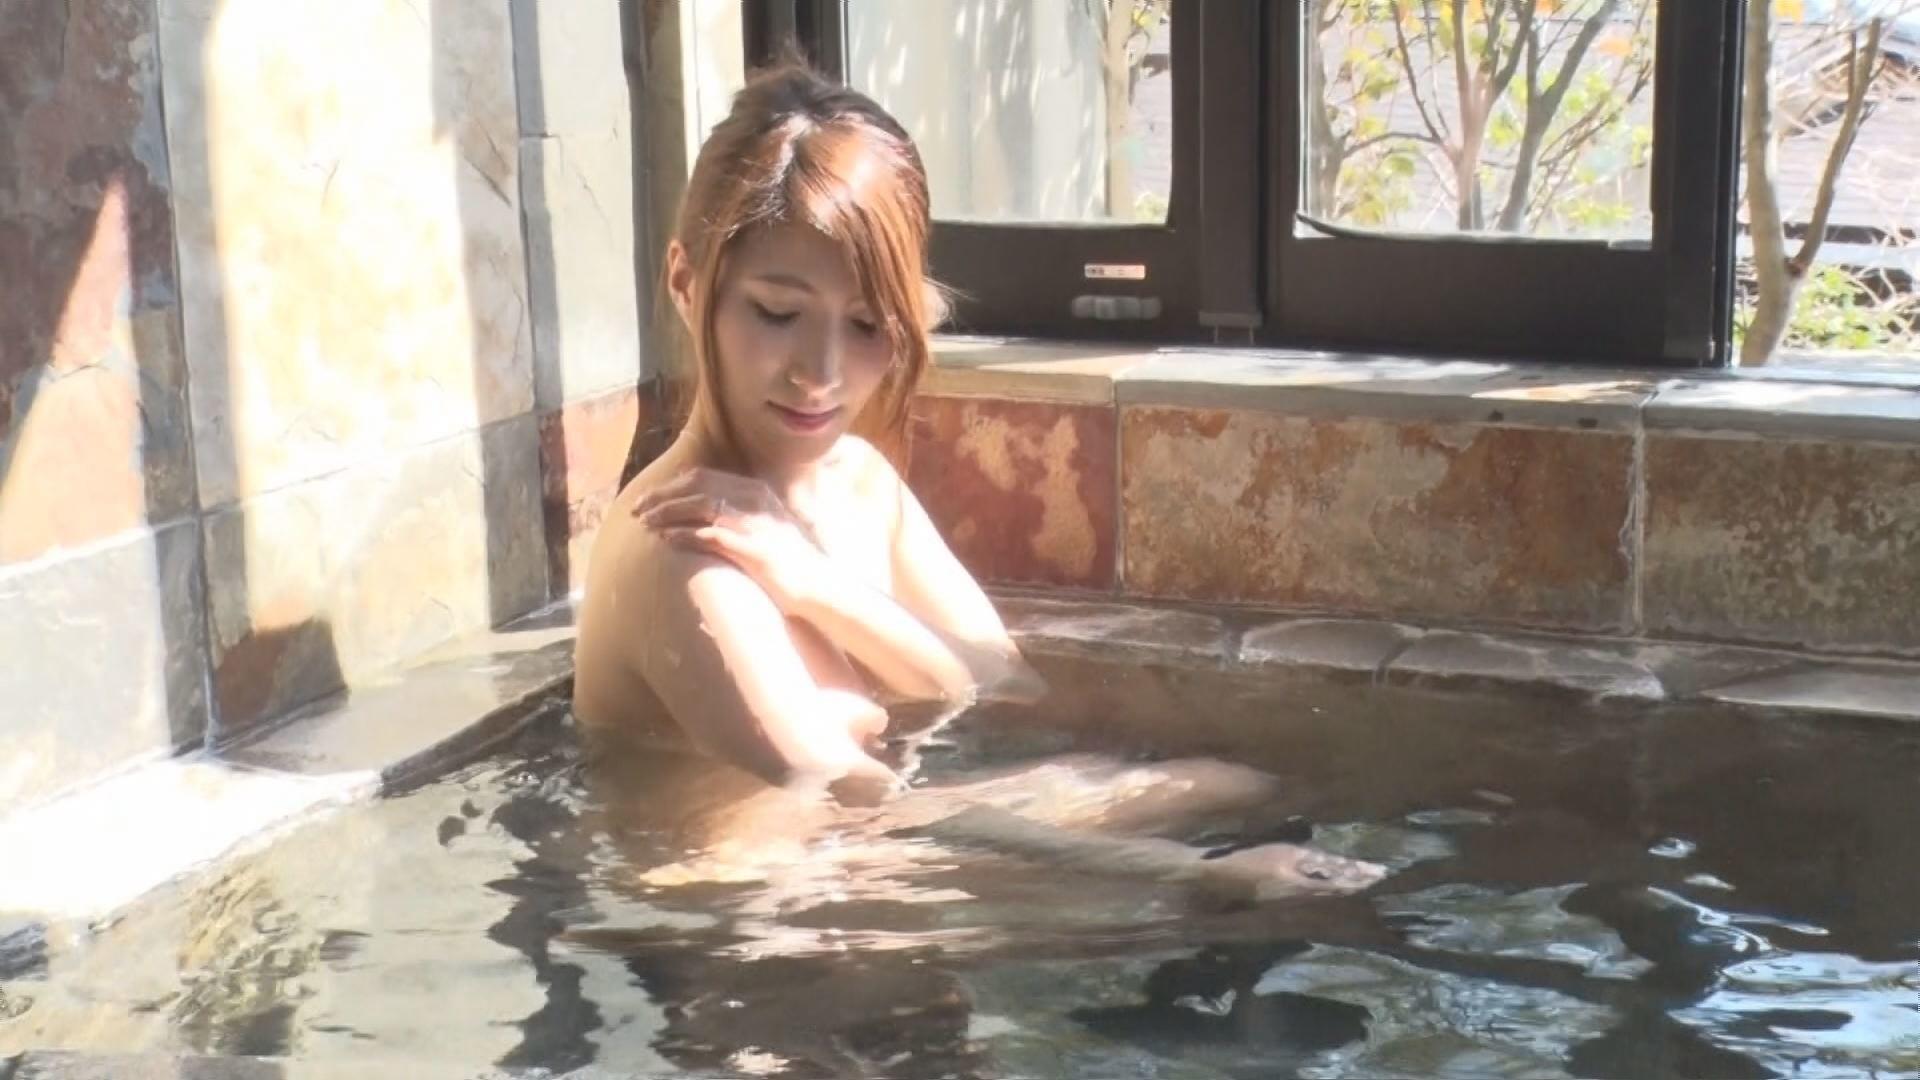 アナルに目覚めイキ狂う人妻 中出し肛門SEX 4時間SP!